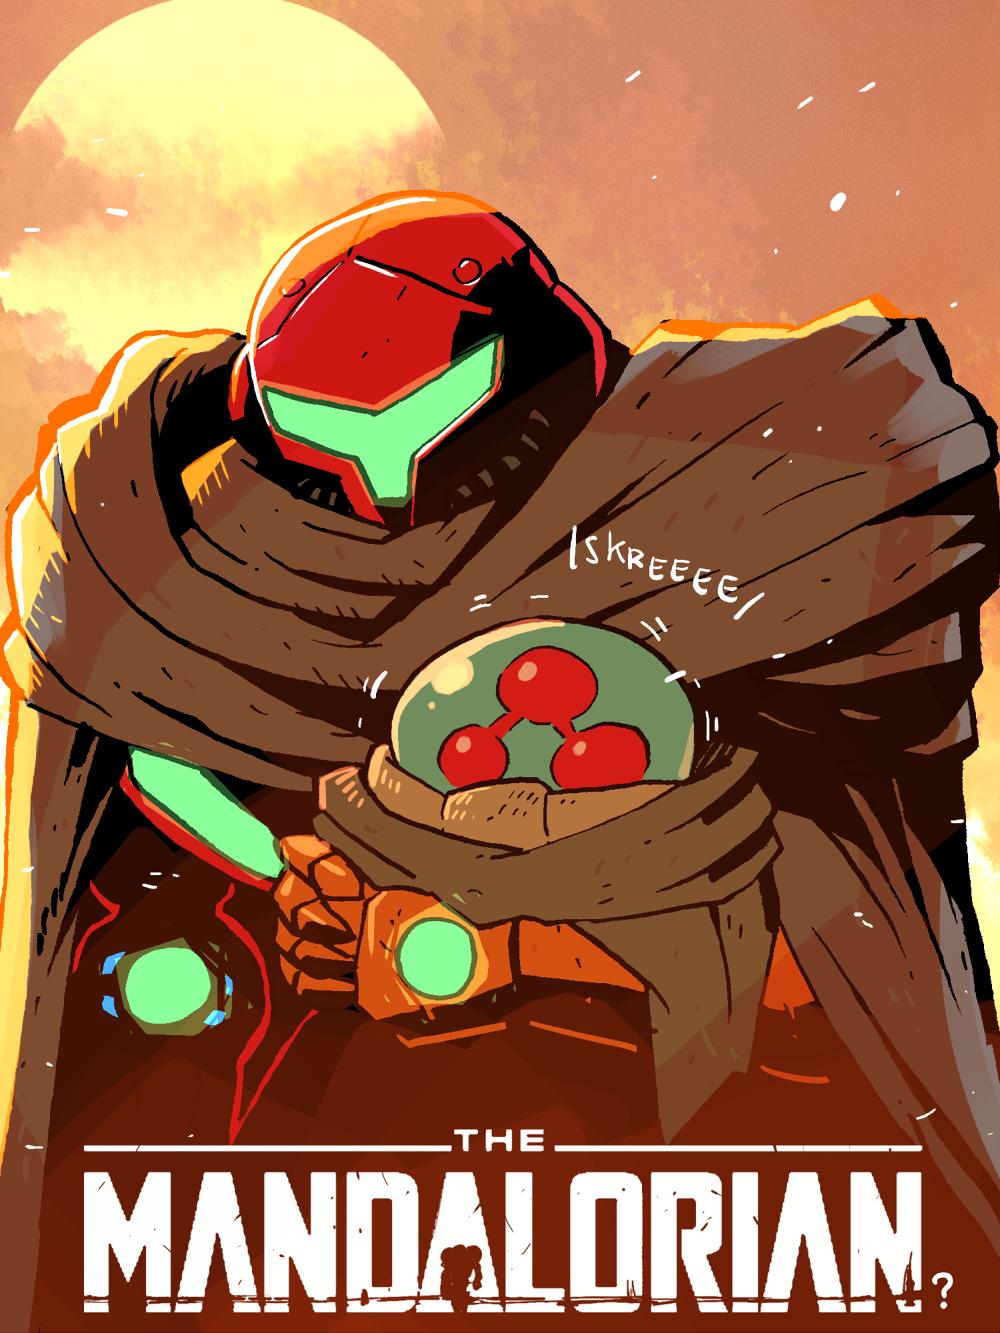 The Mandalorian crossover fan art, Metroidlorian